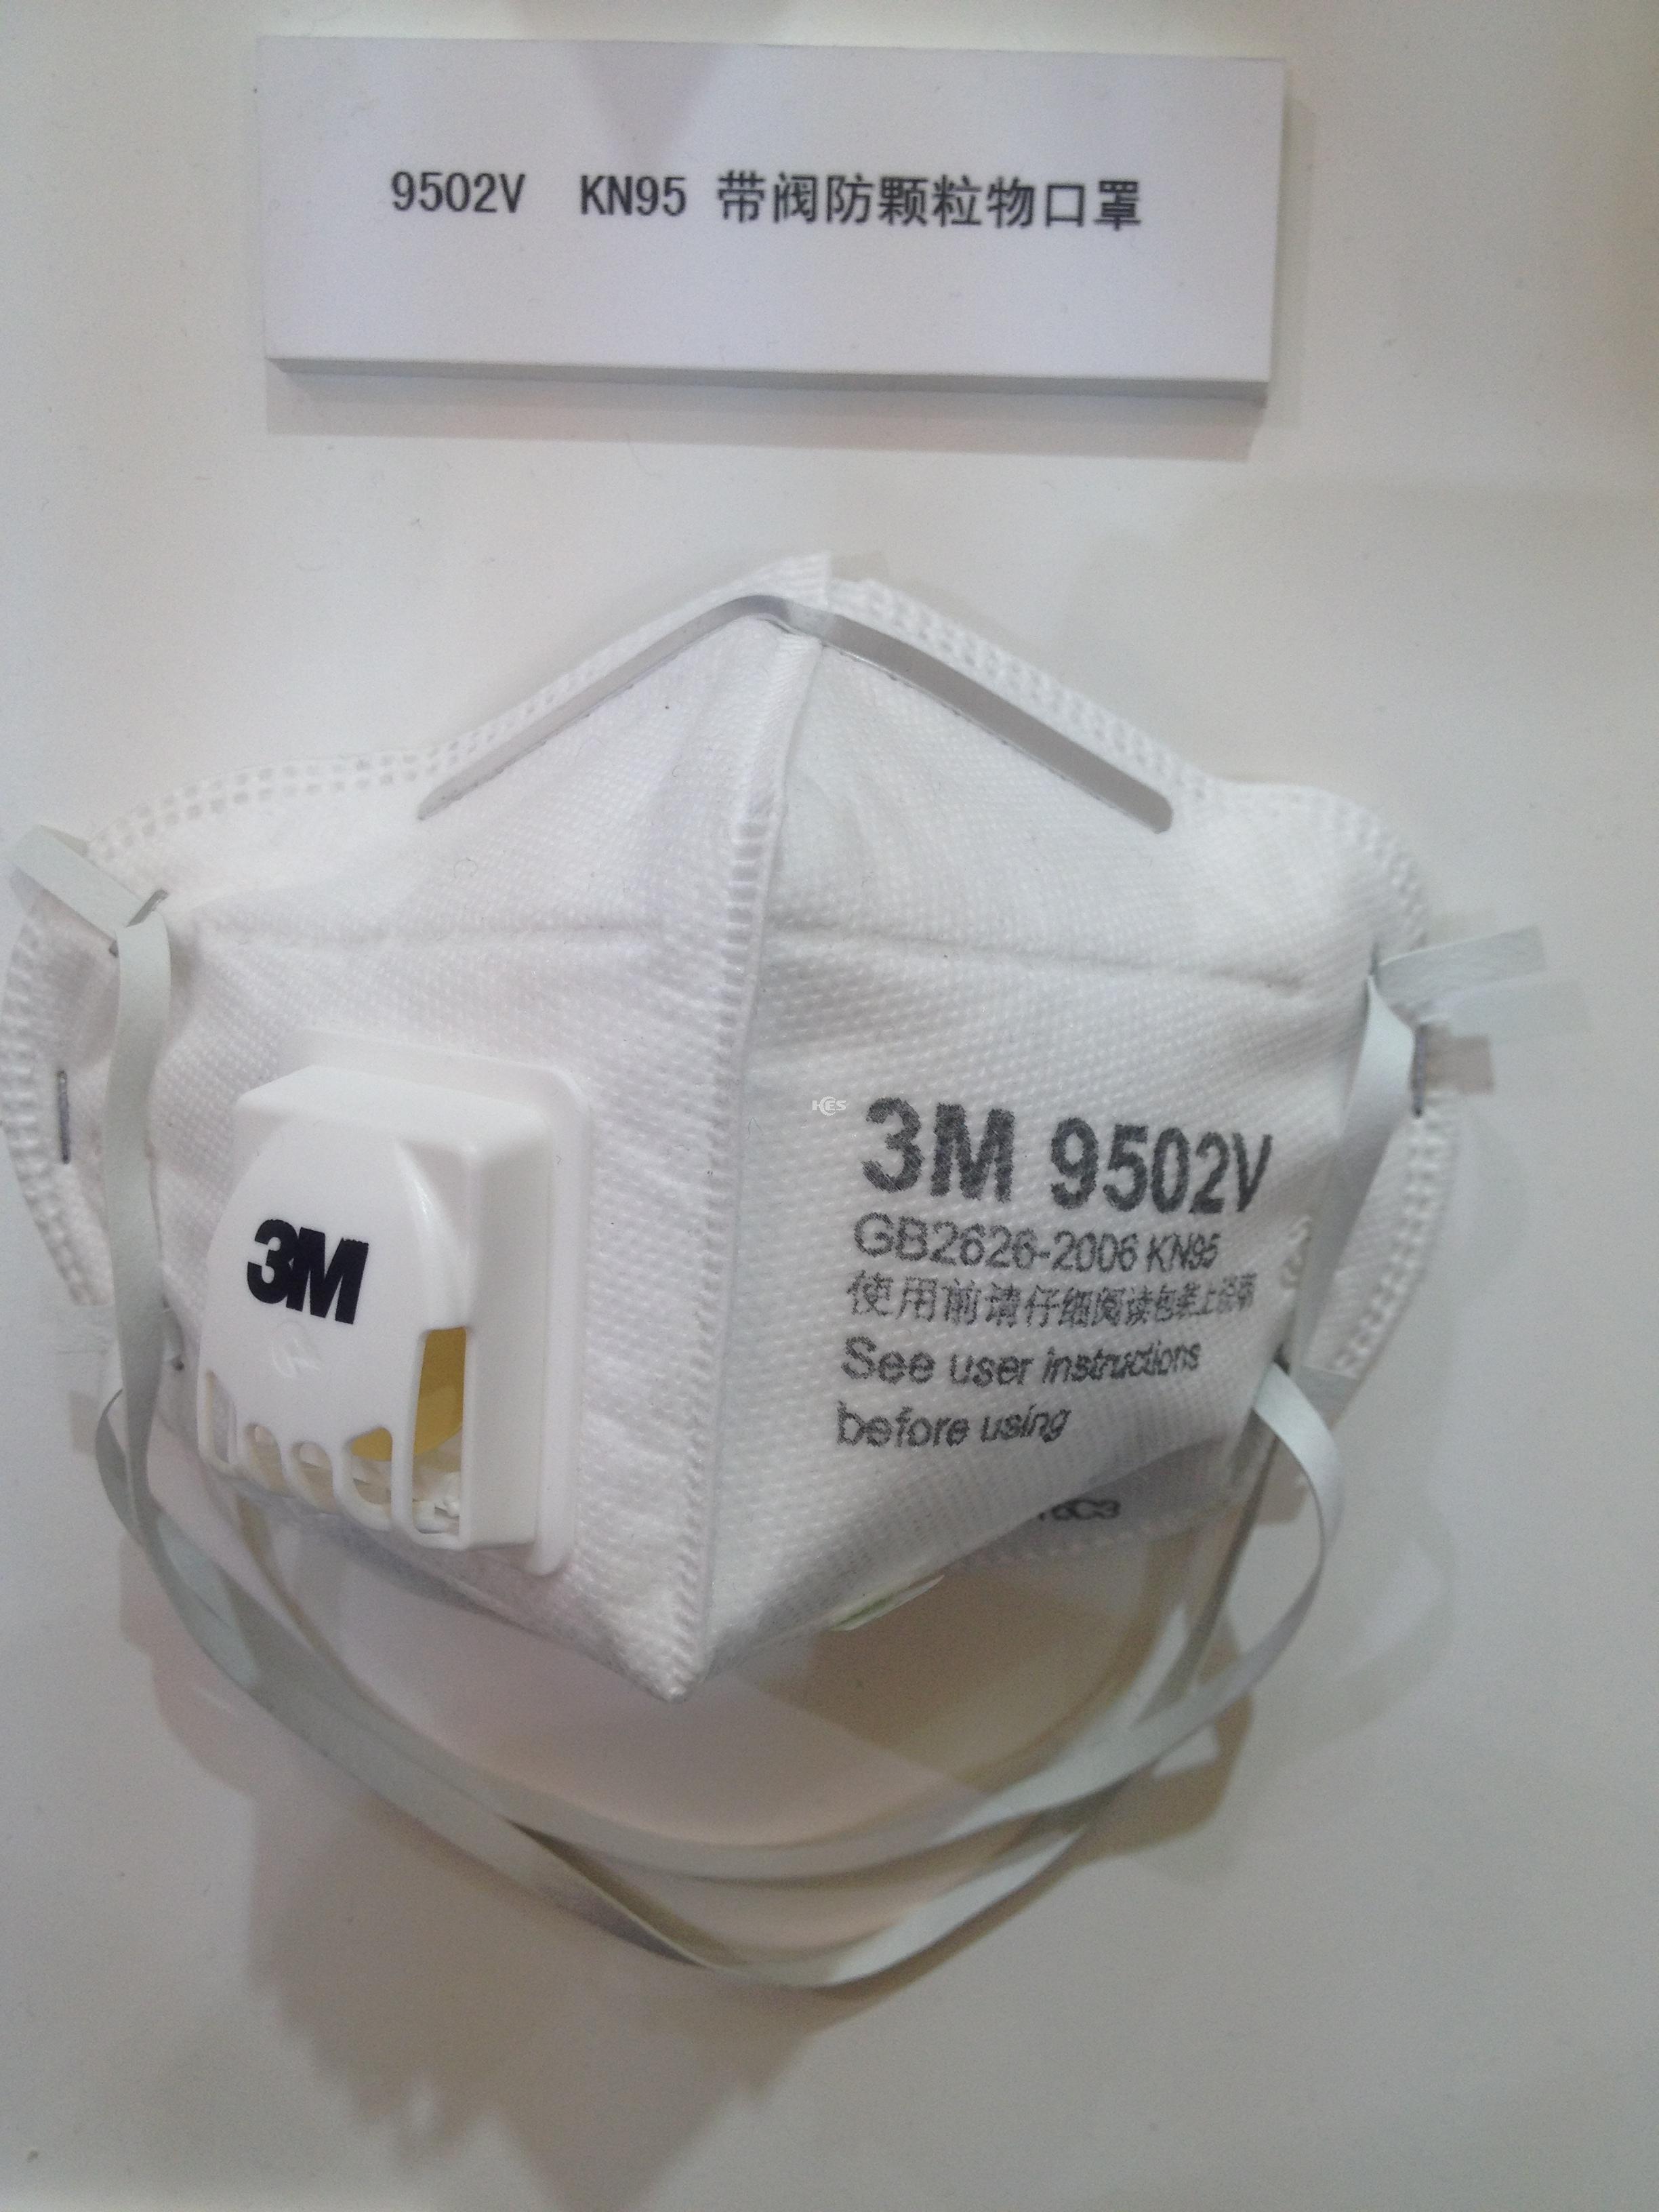 双片包装9501/9502 KN95 折叠式防护口罩